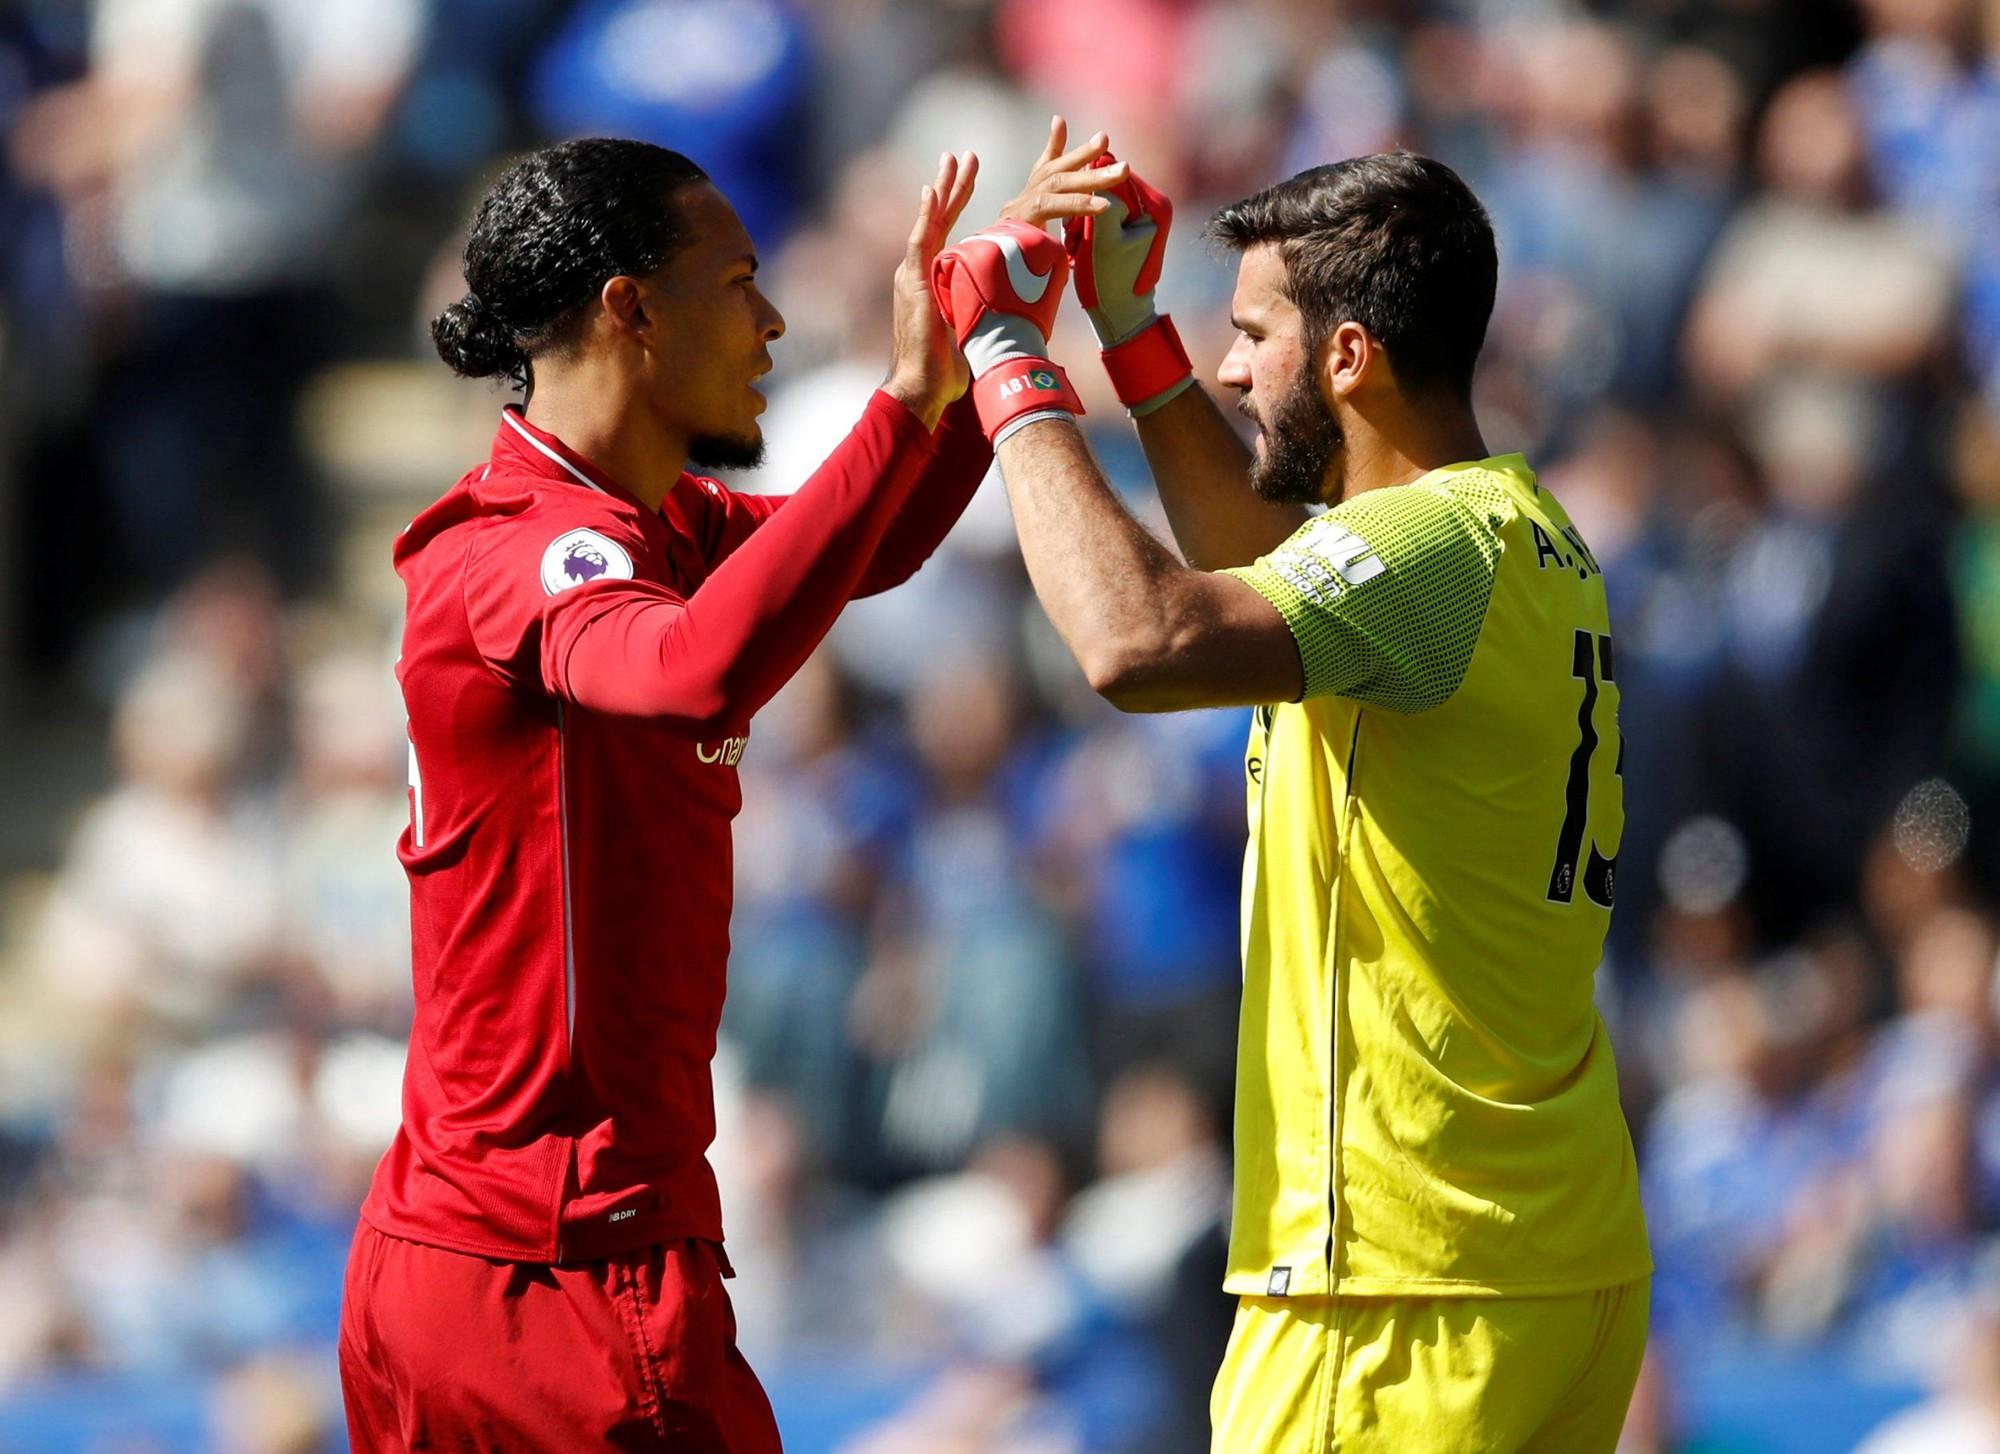 2 thống kê kinh ngạc cho thấy tầm quan trọng của Alisson và Van Dijk đối với Liverpool - Ảnh 1.